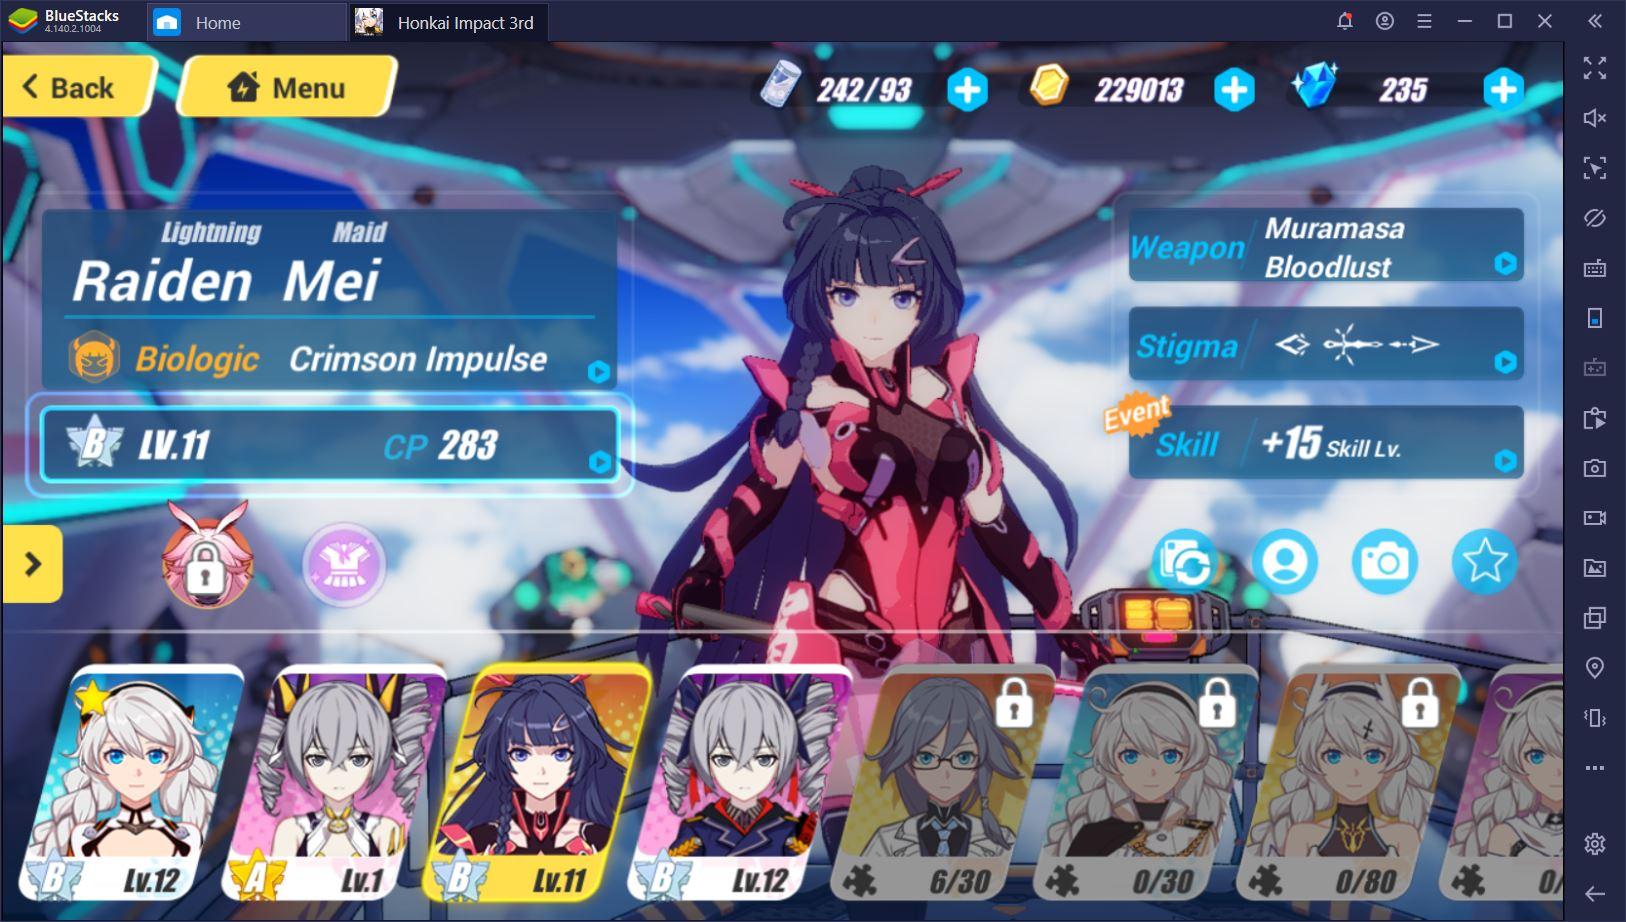 PC'de Honkai Impact 3rd – F2P Oyuncuları İçin İpuçları ve Püf Noktaları